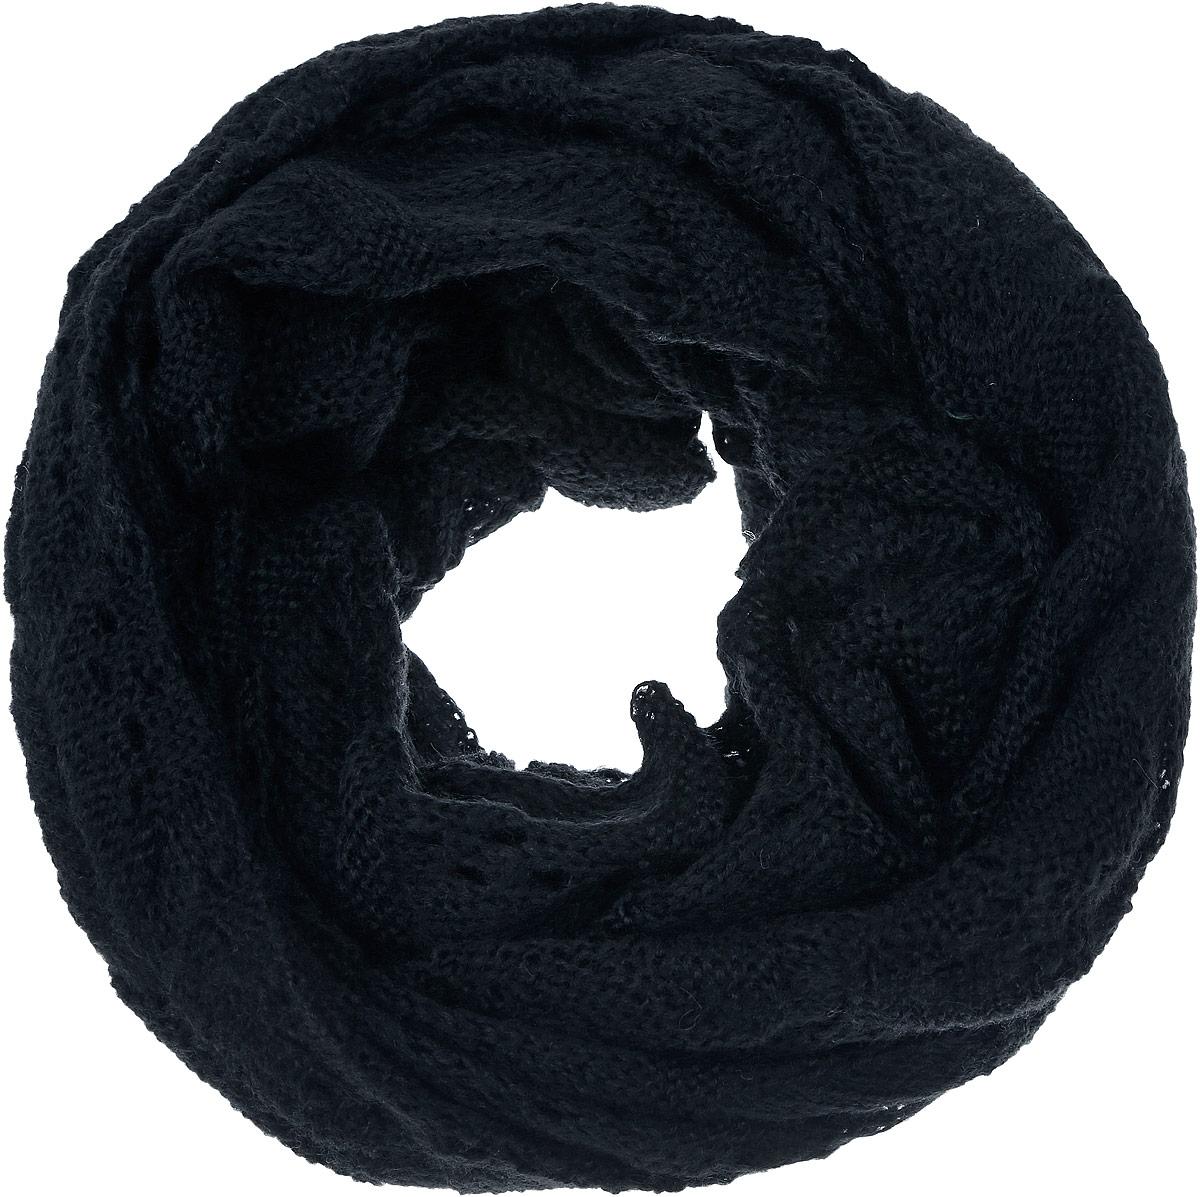 ШарфV2717-88Женский вязаный шарф Vita Pelle станет отличным дополнением к гардеробу в холодную погоду. Изготовленный из высококачественной комбинированной пряжи, он необычайно мягкий и приятный на ощупь, максимально сохраняет тепло. Шарф, выполненный красивой мелкоузорчатой вязкой, гармонично дополнит образ современной женщины, следящей за своим имиджем и стремящейся всегда оставаться стильной.